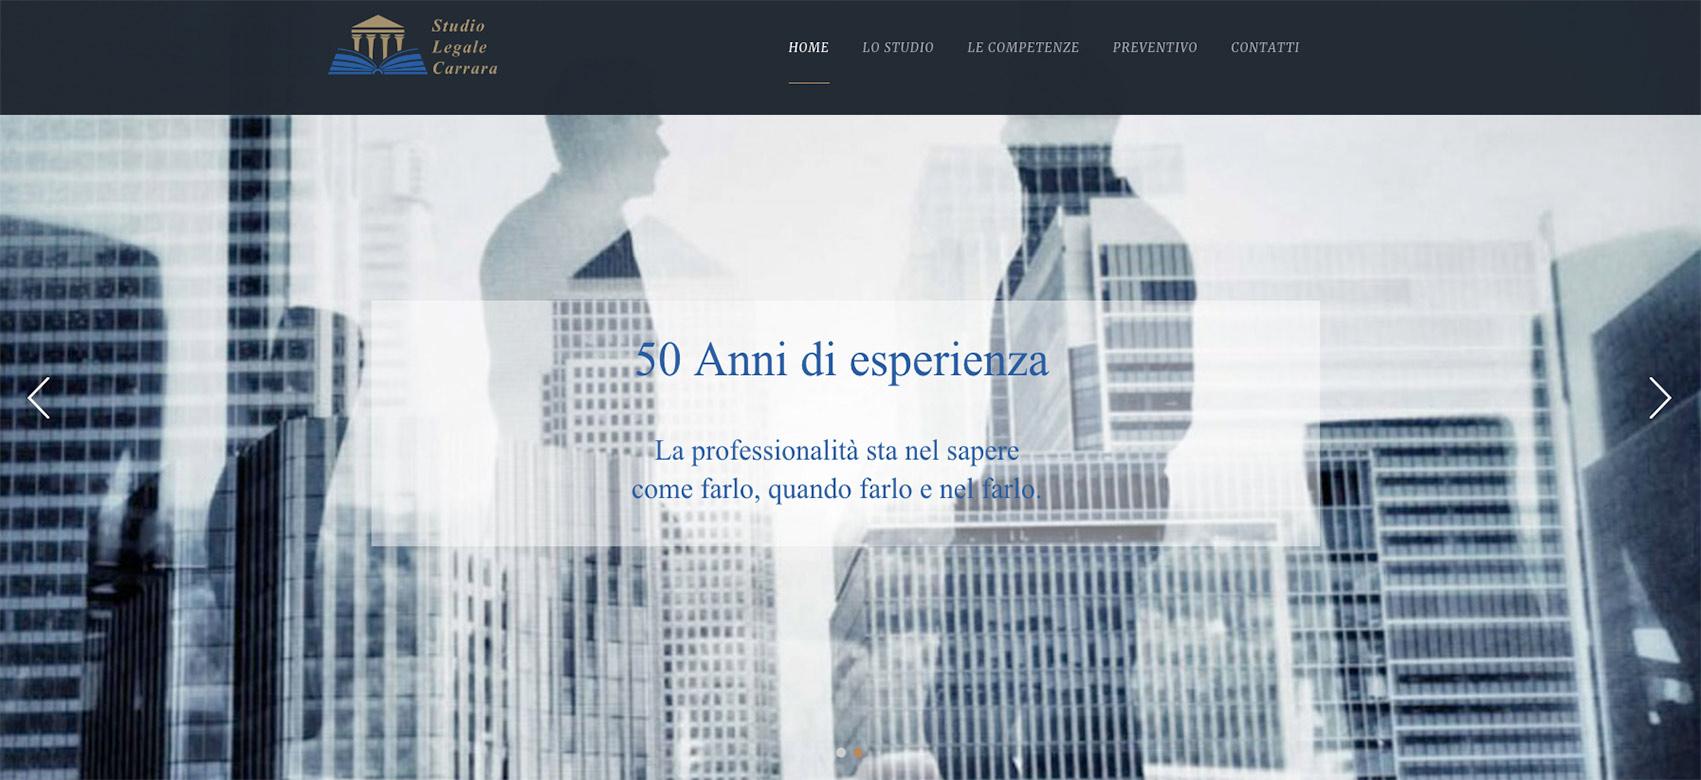 Studio Legale Carrara